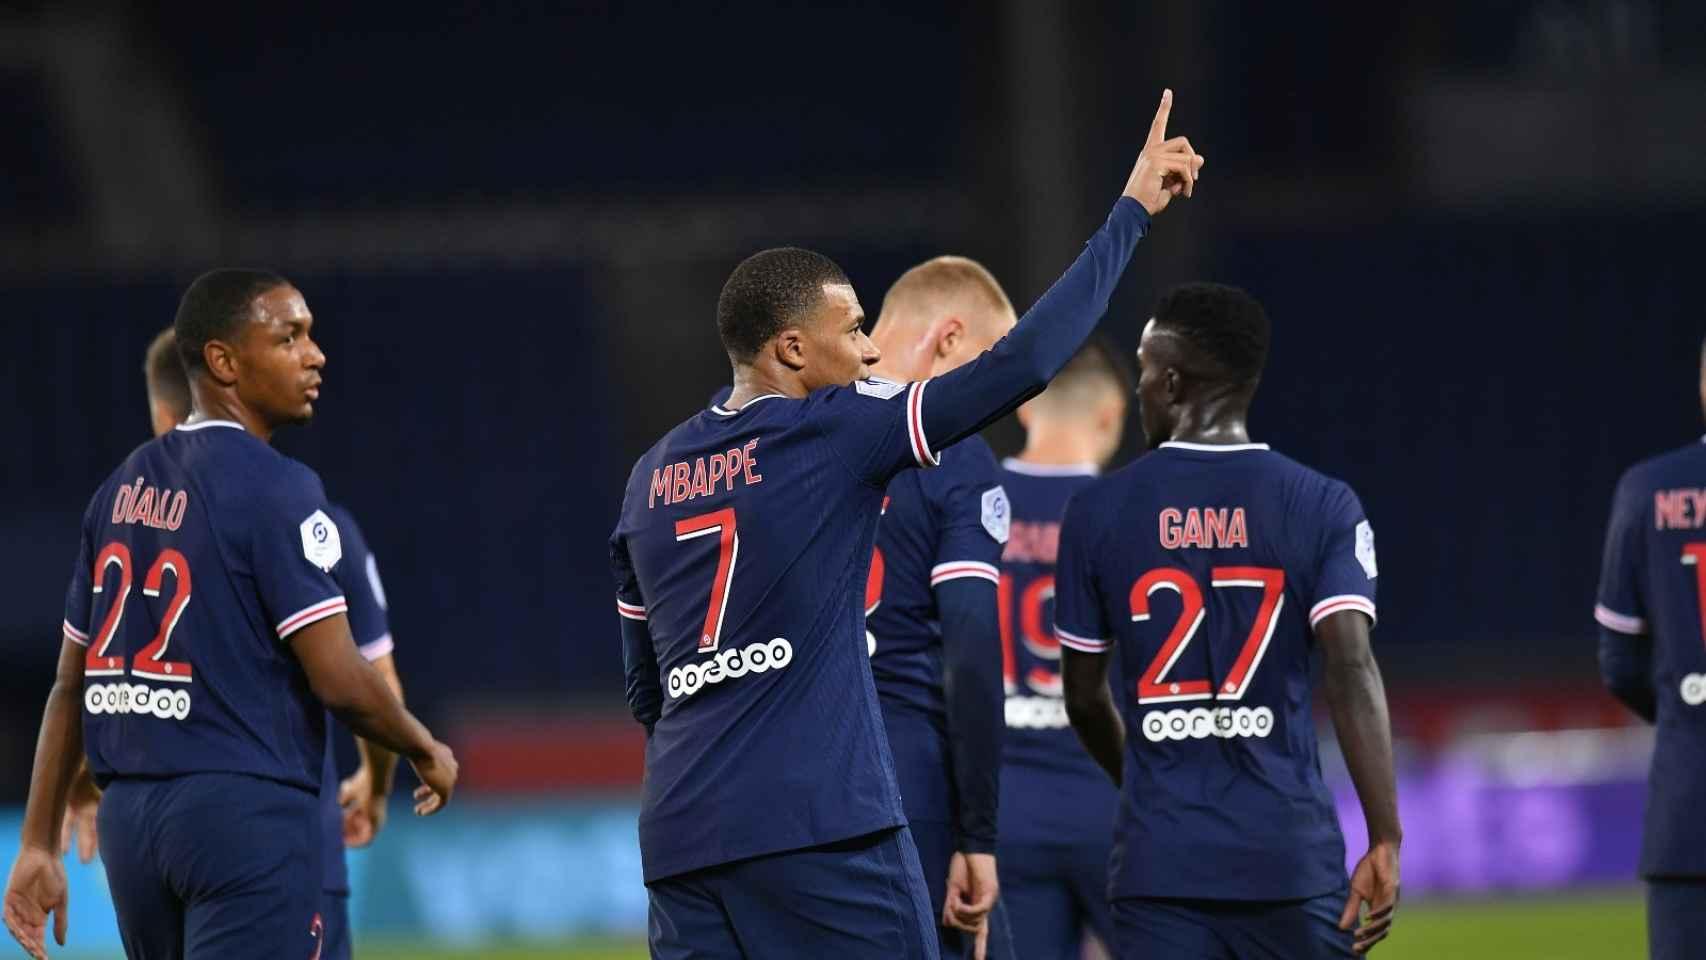 Mbappé dedica un gol con el PSG